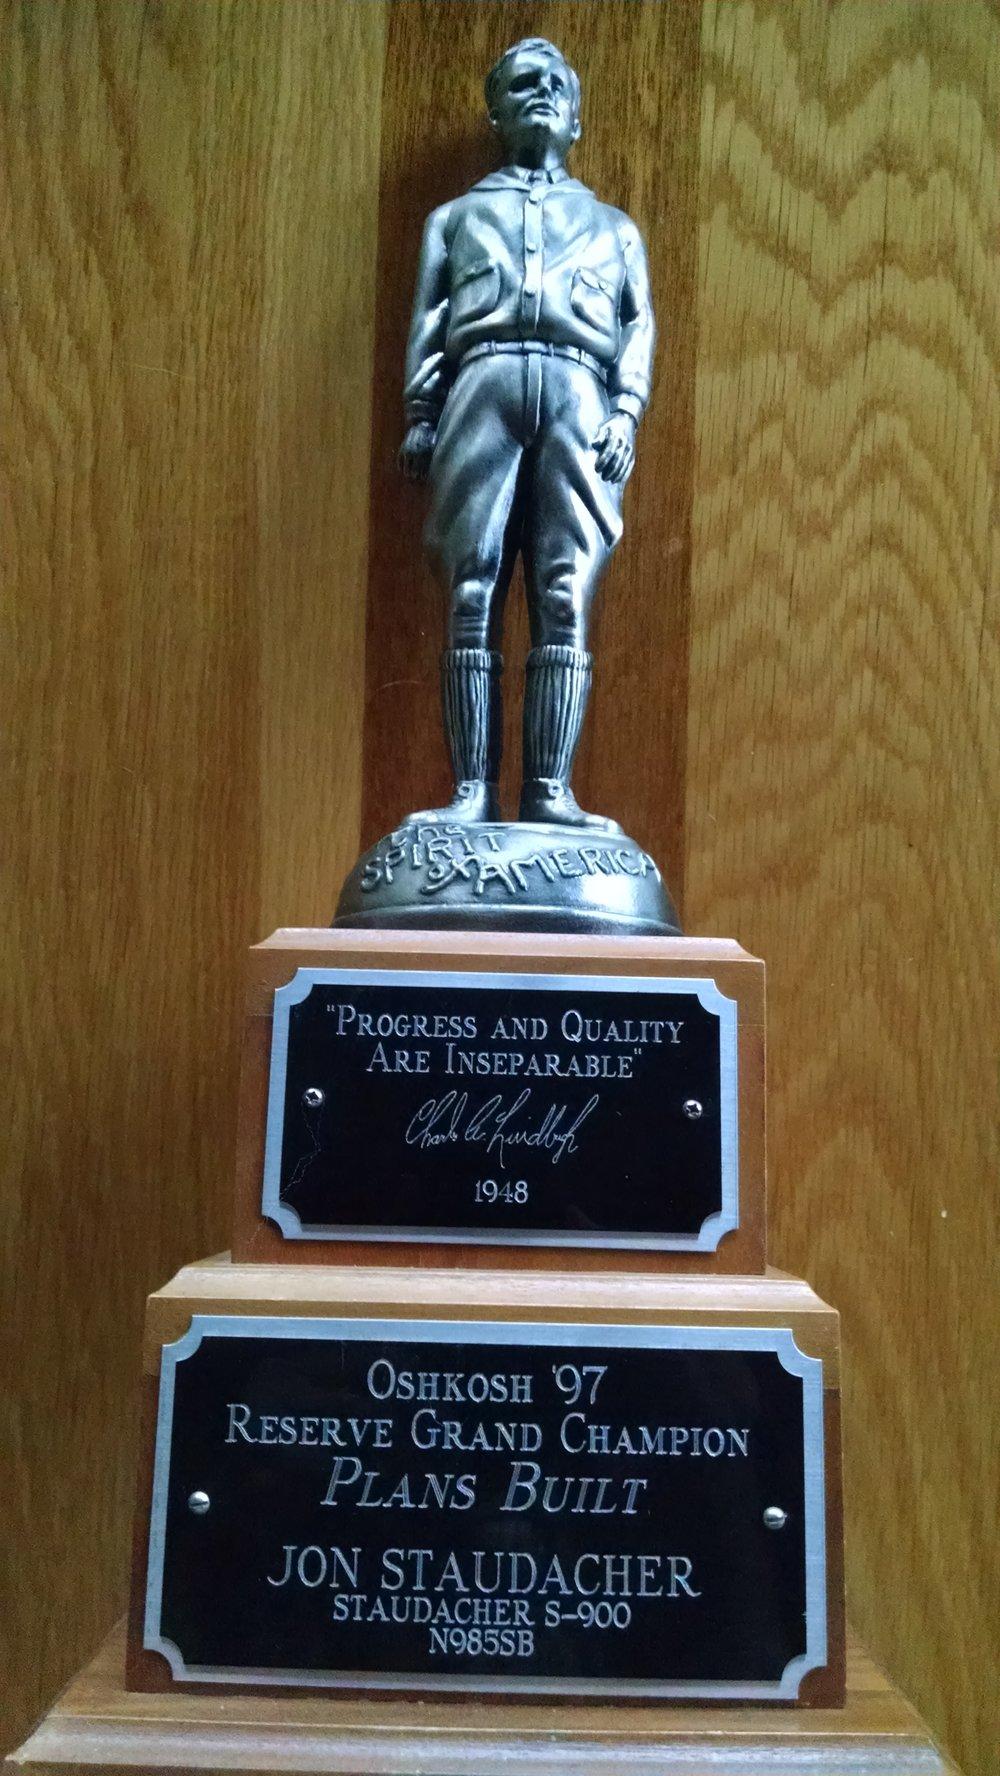 Oshkosh Trophy.jpg